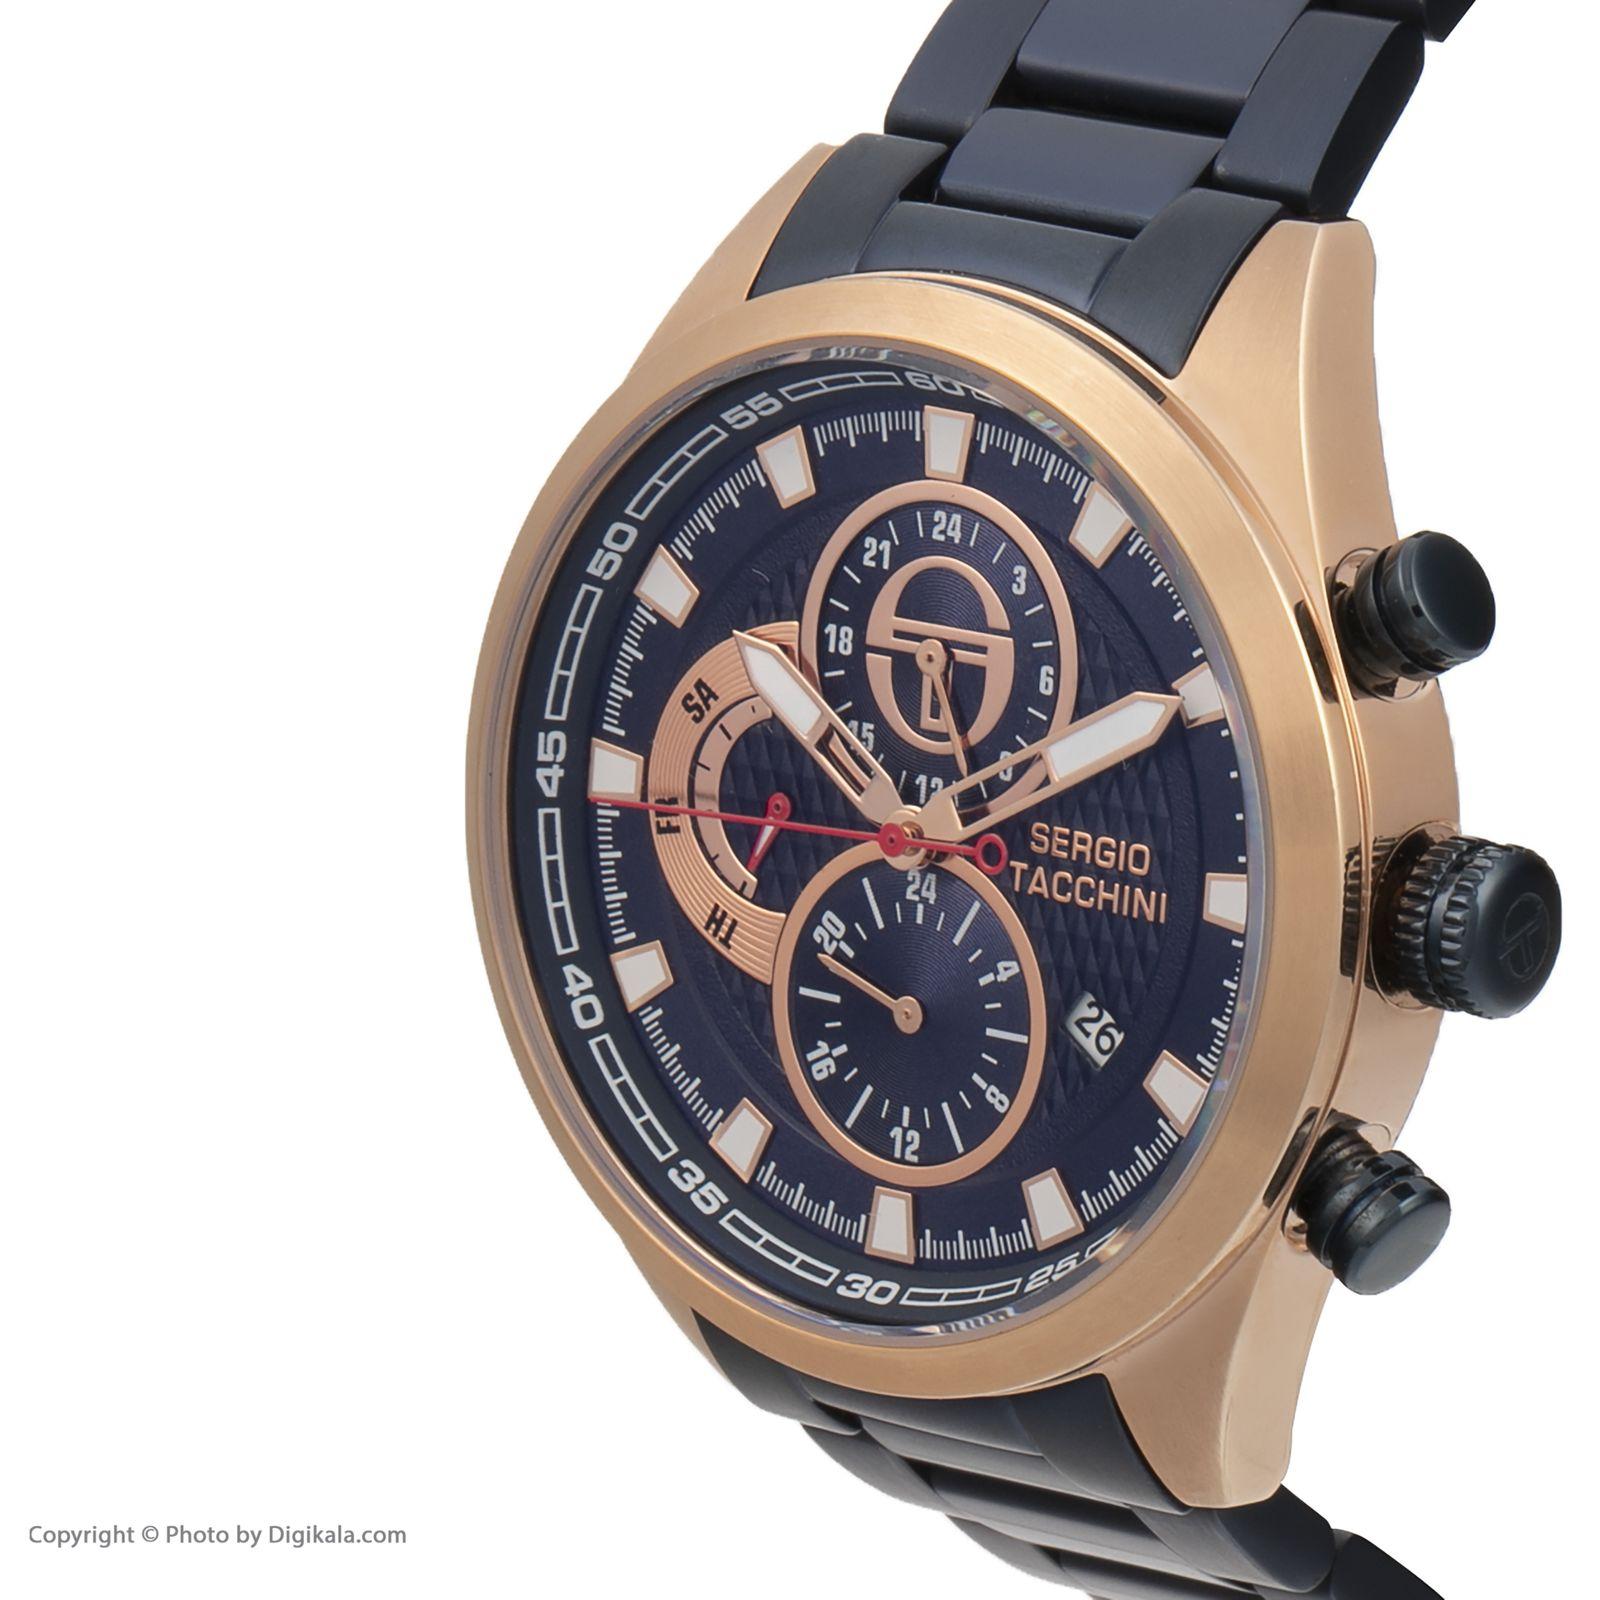 ساعت مچی عقربه ای مردانه سرجیو تاچینی مدل ST.5.154.05 -  - 3